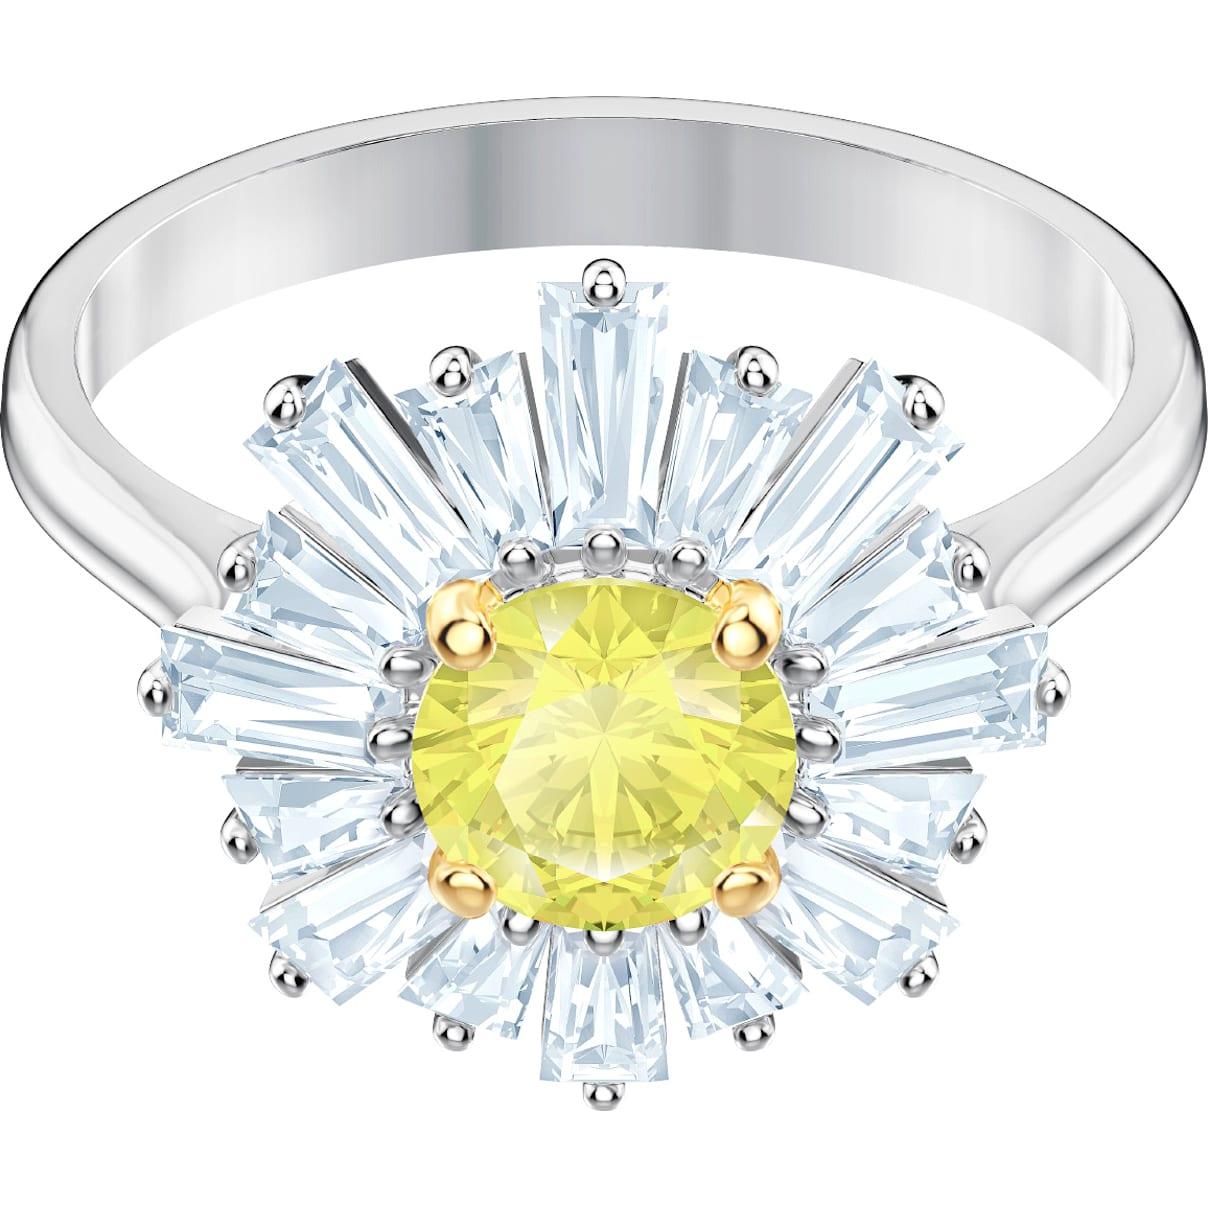 Swarovski Sunshine Ring, Yellow, Rhodium plated